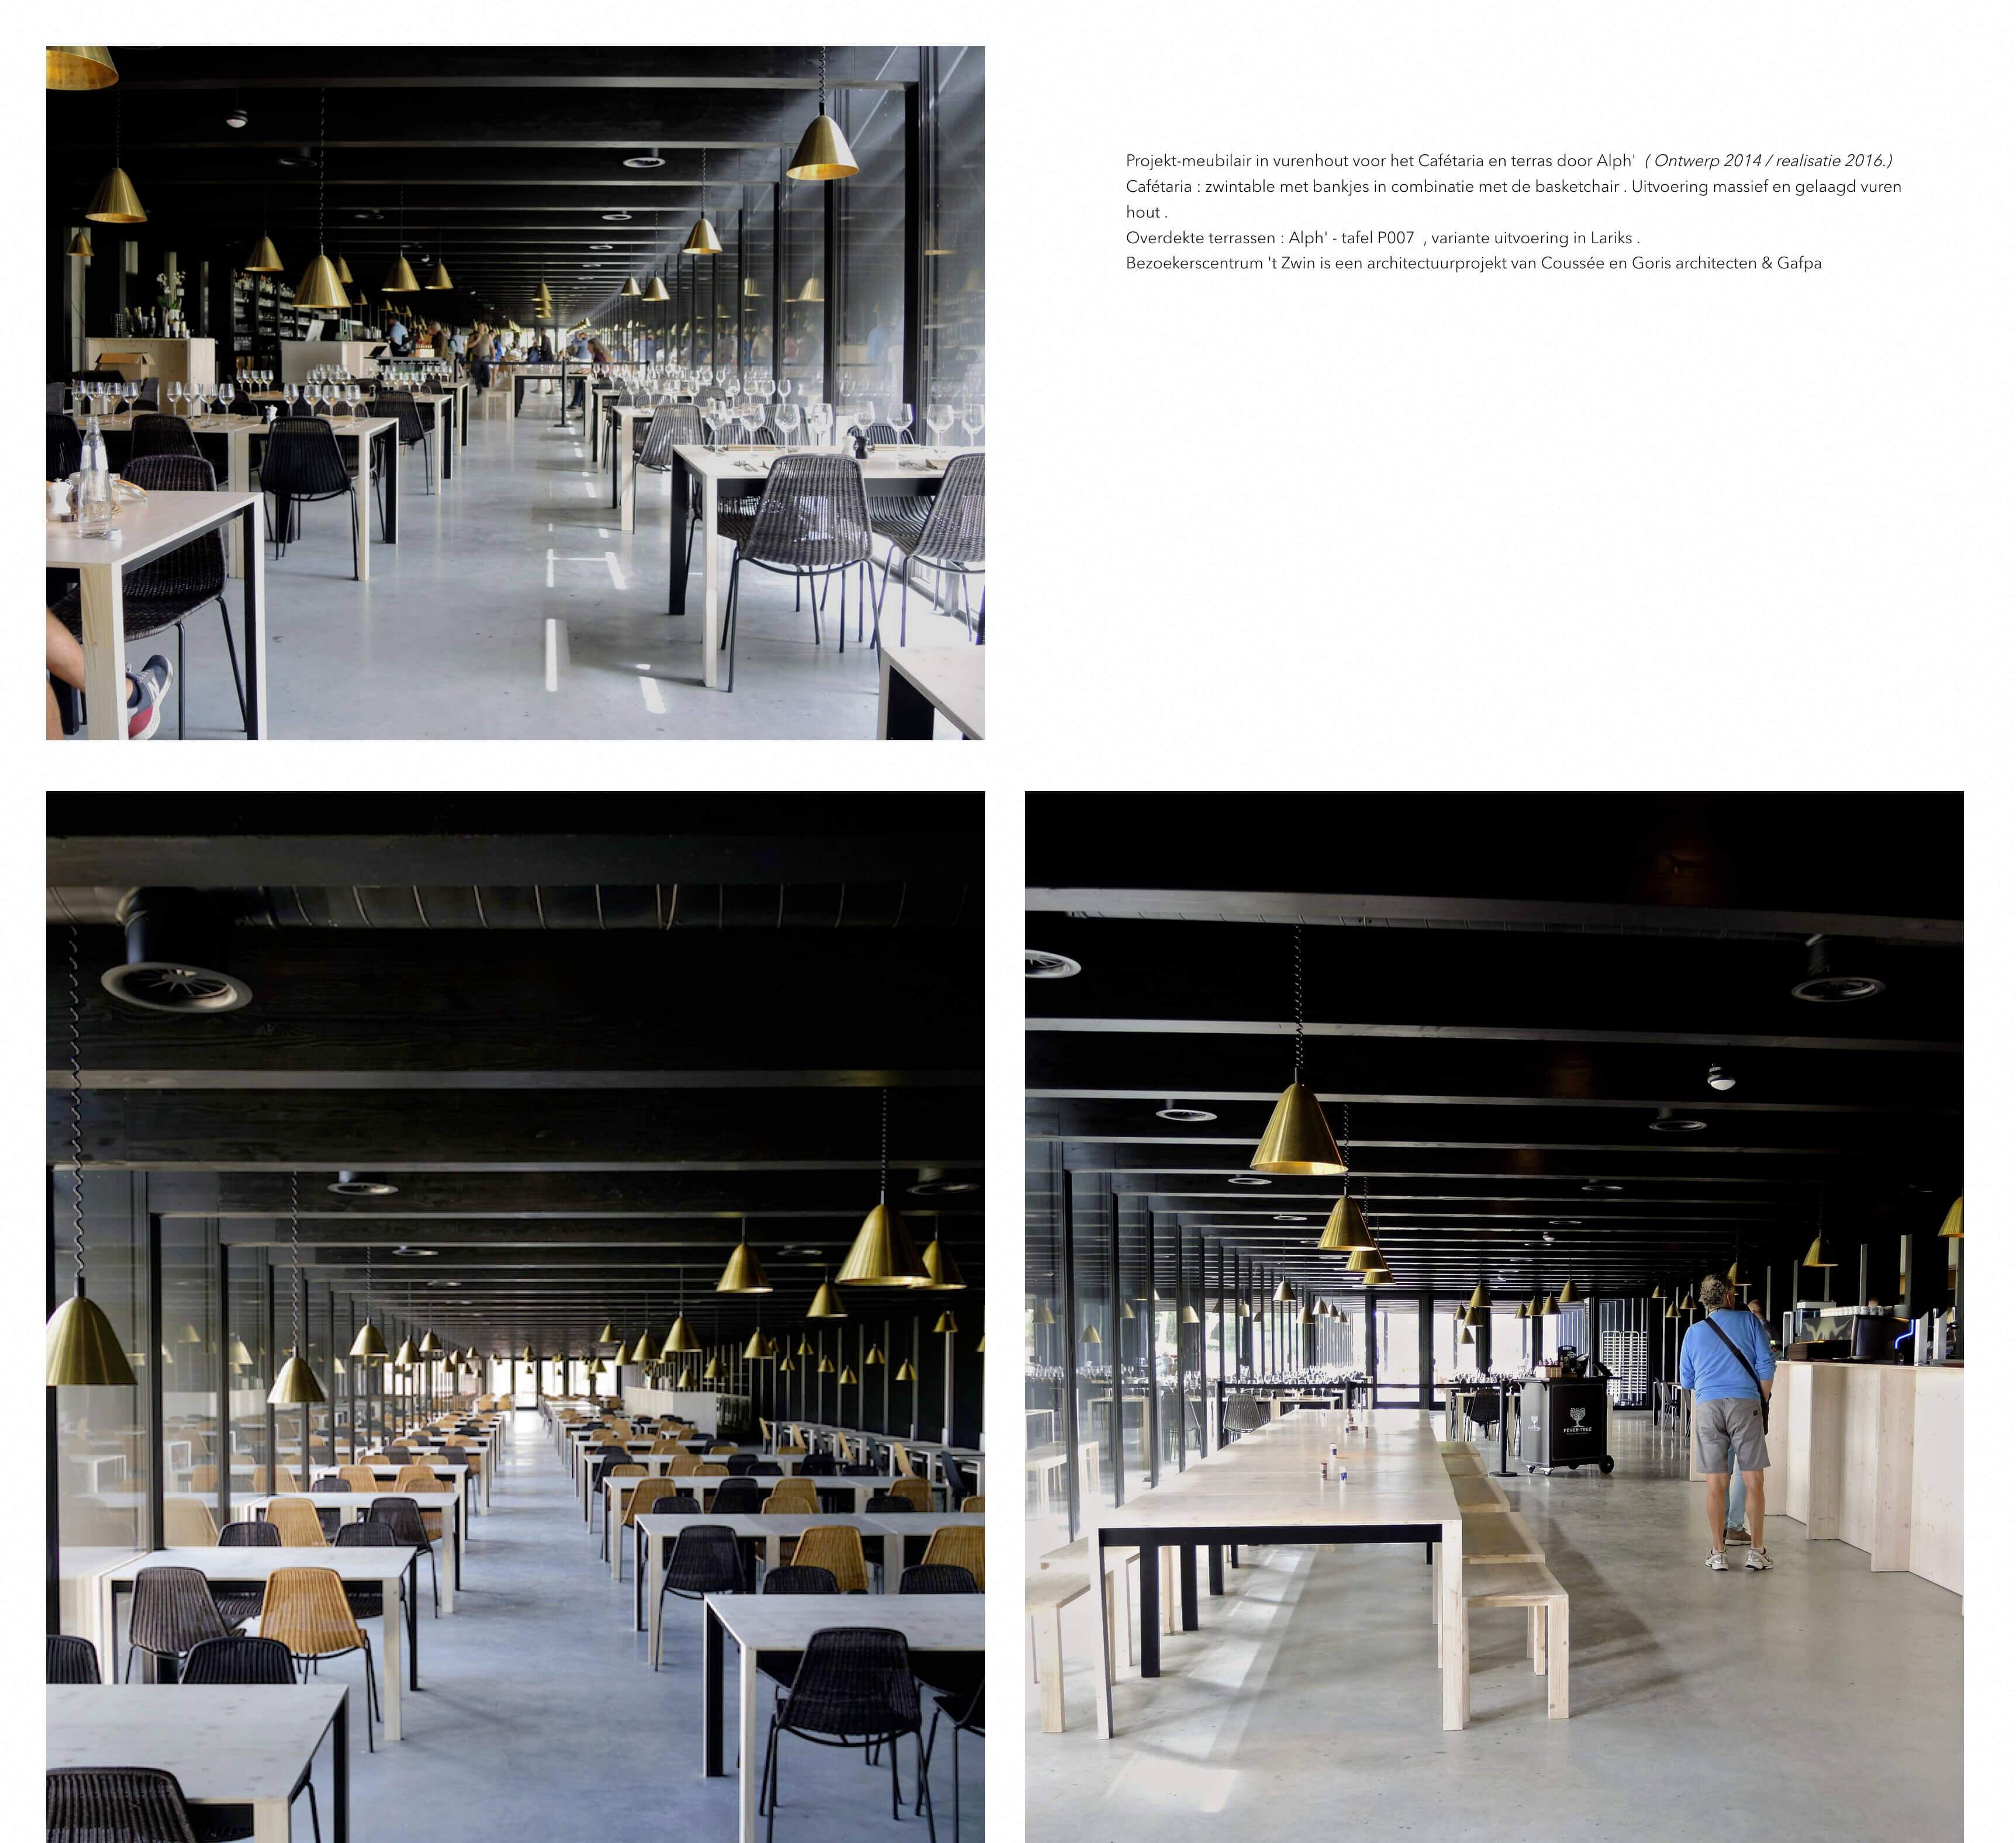 Designer Terrassen 8bahn website design development graphic design ideas